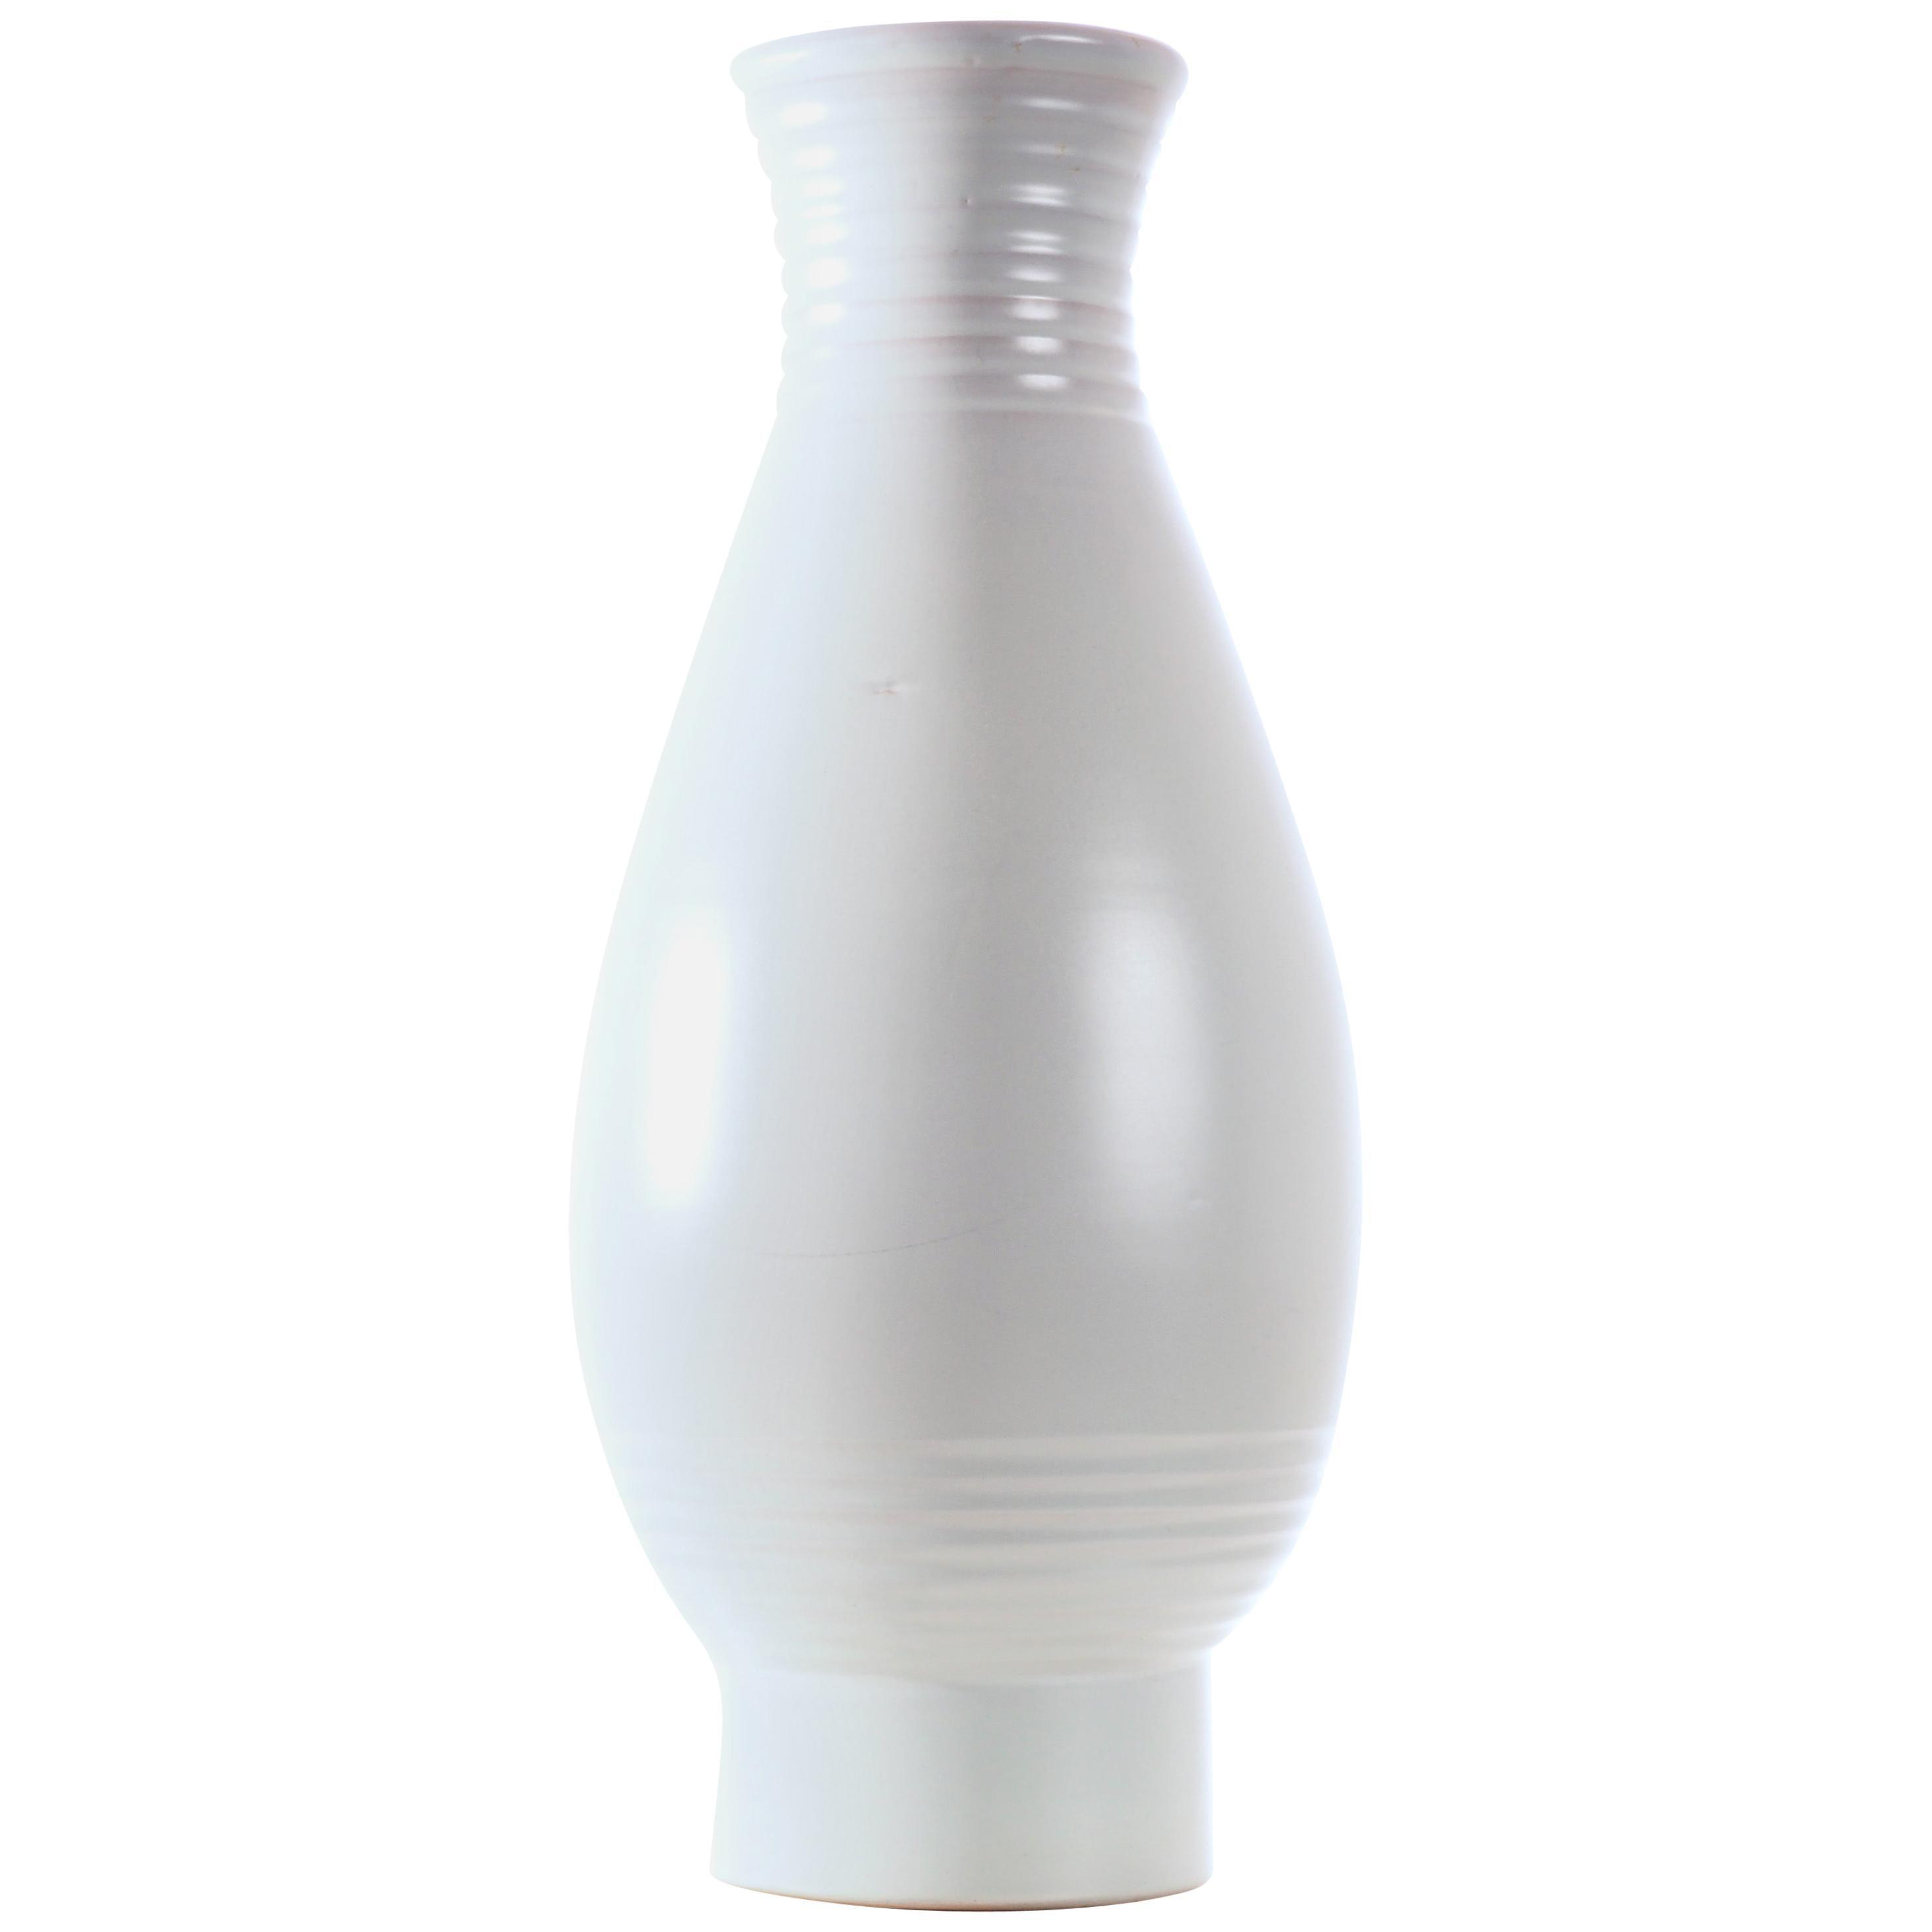 Large Vase by Ewald Dahlskog, Produced by Bo Fajans, Sweden